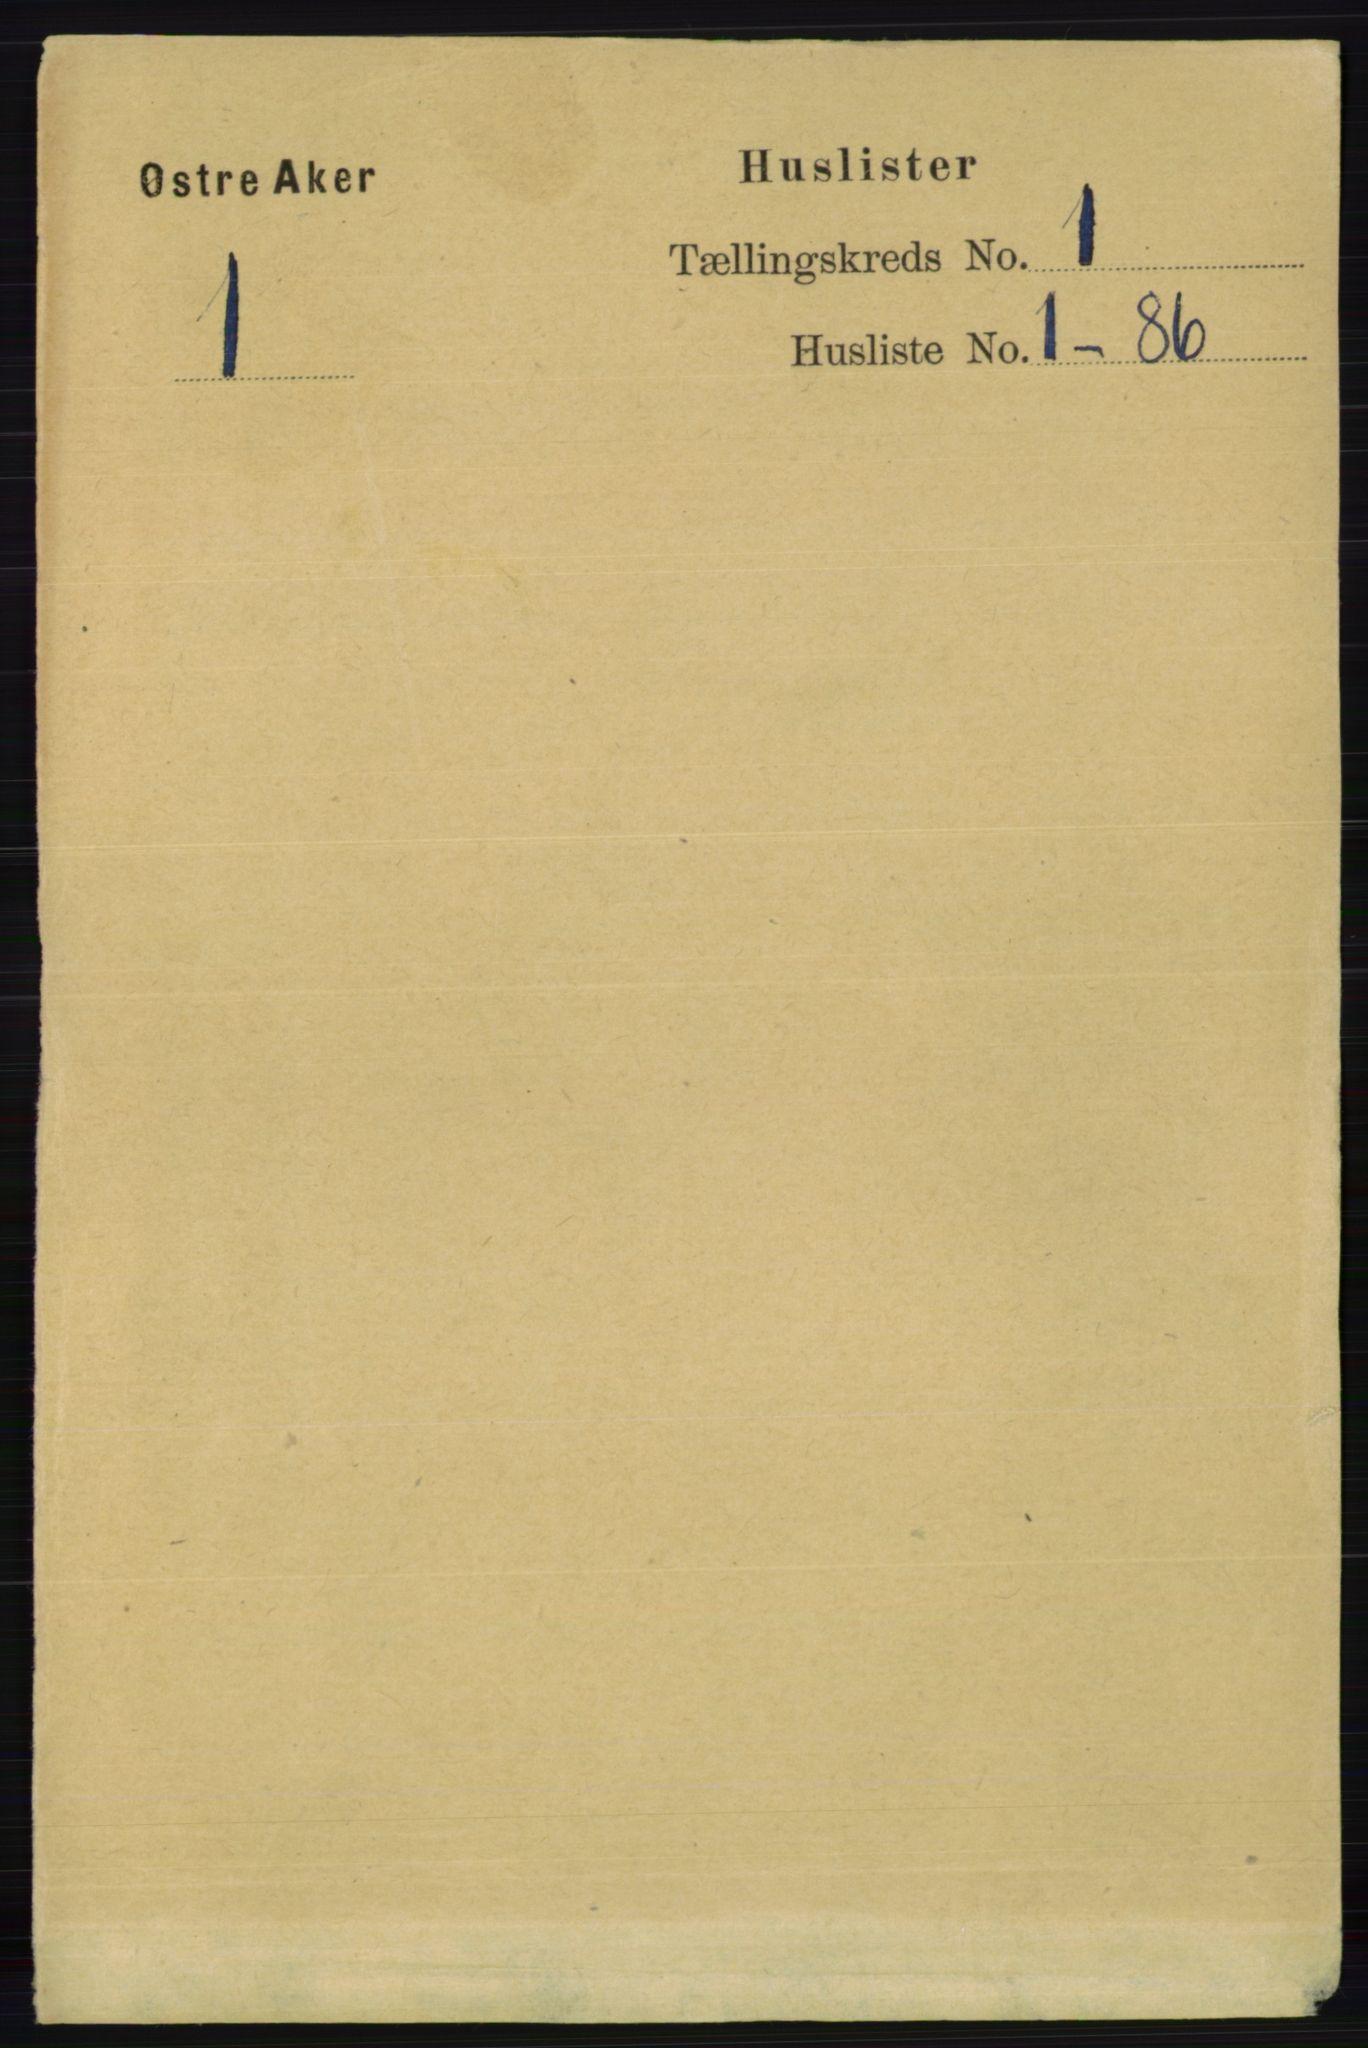 RA, Folketelling 1891 for 0218 Aker herred, 1891, s. 61